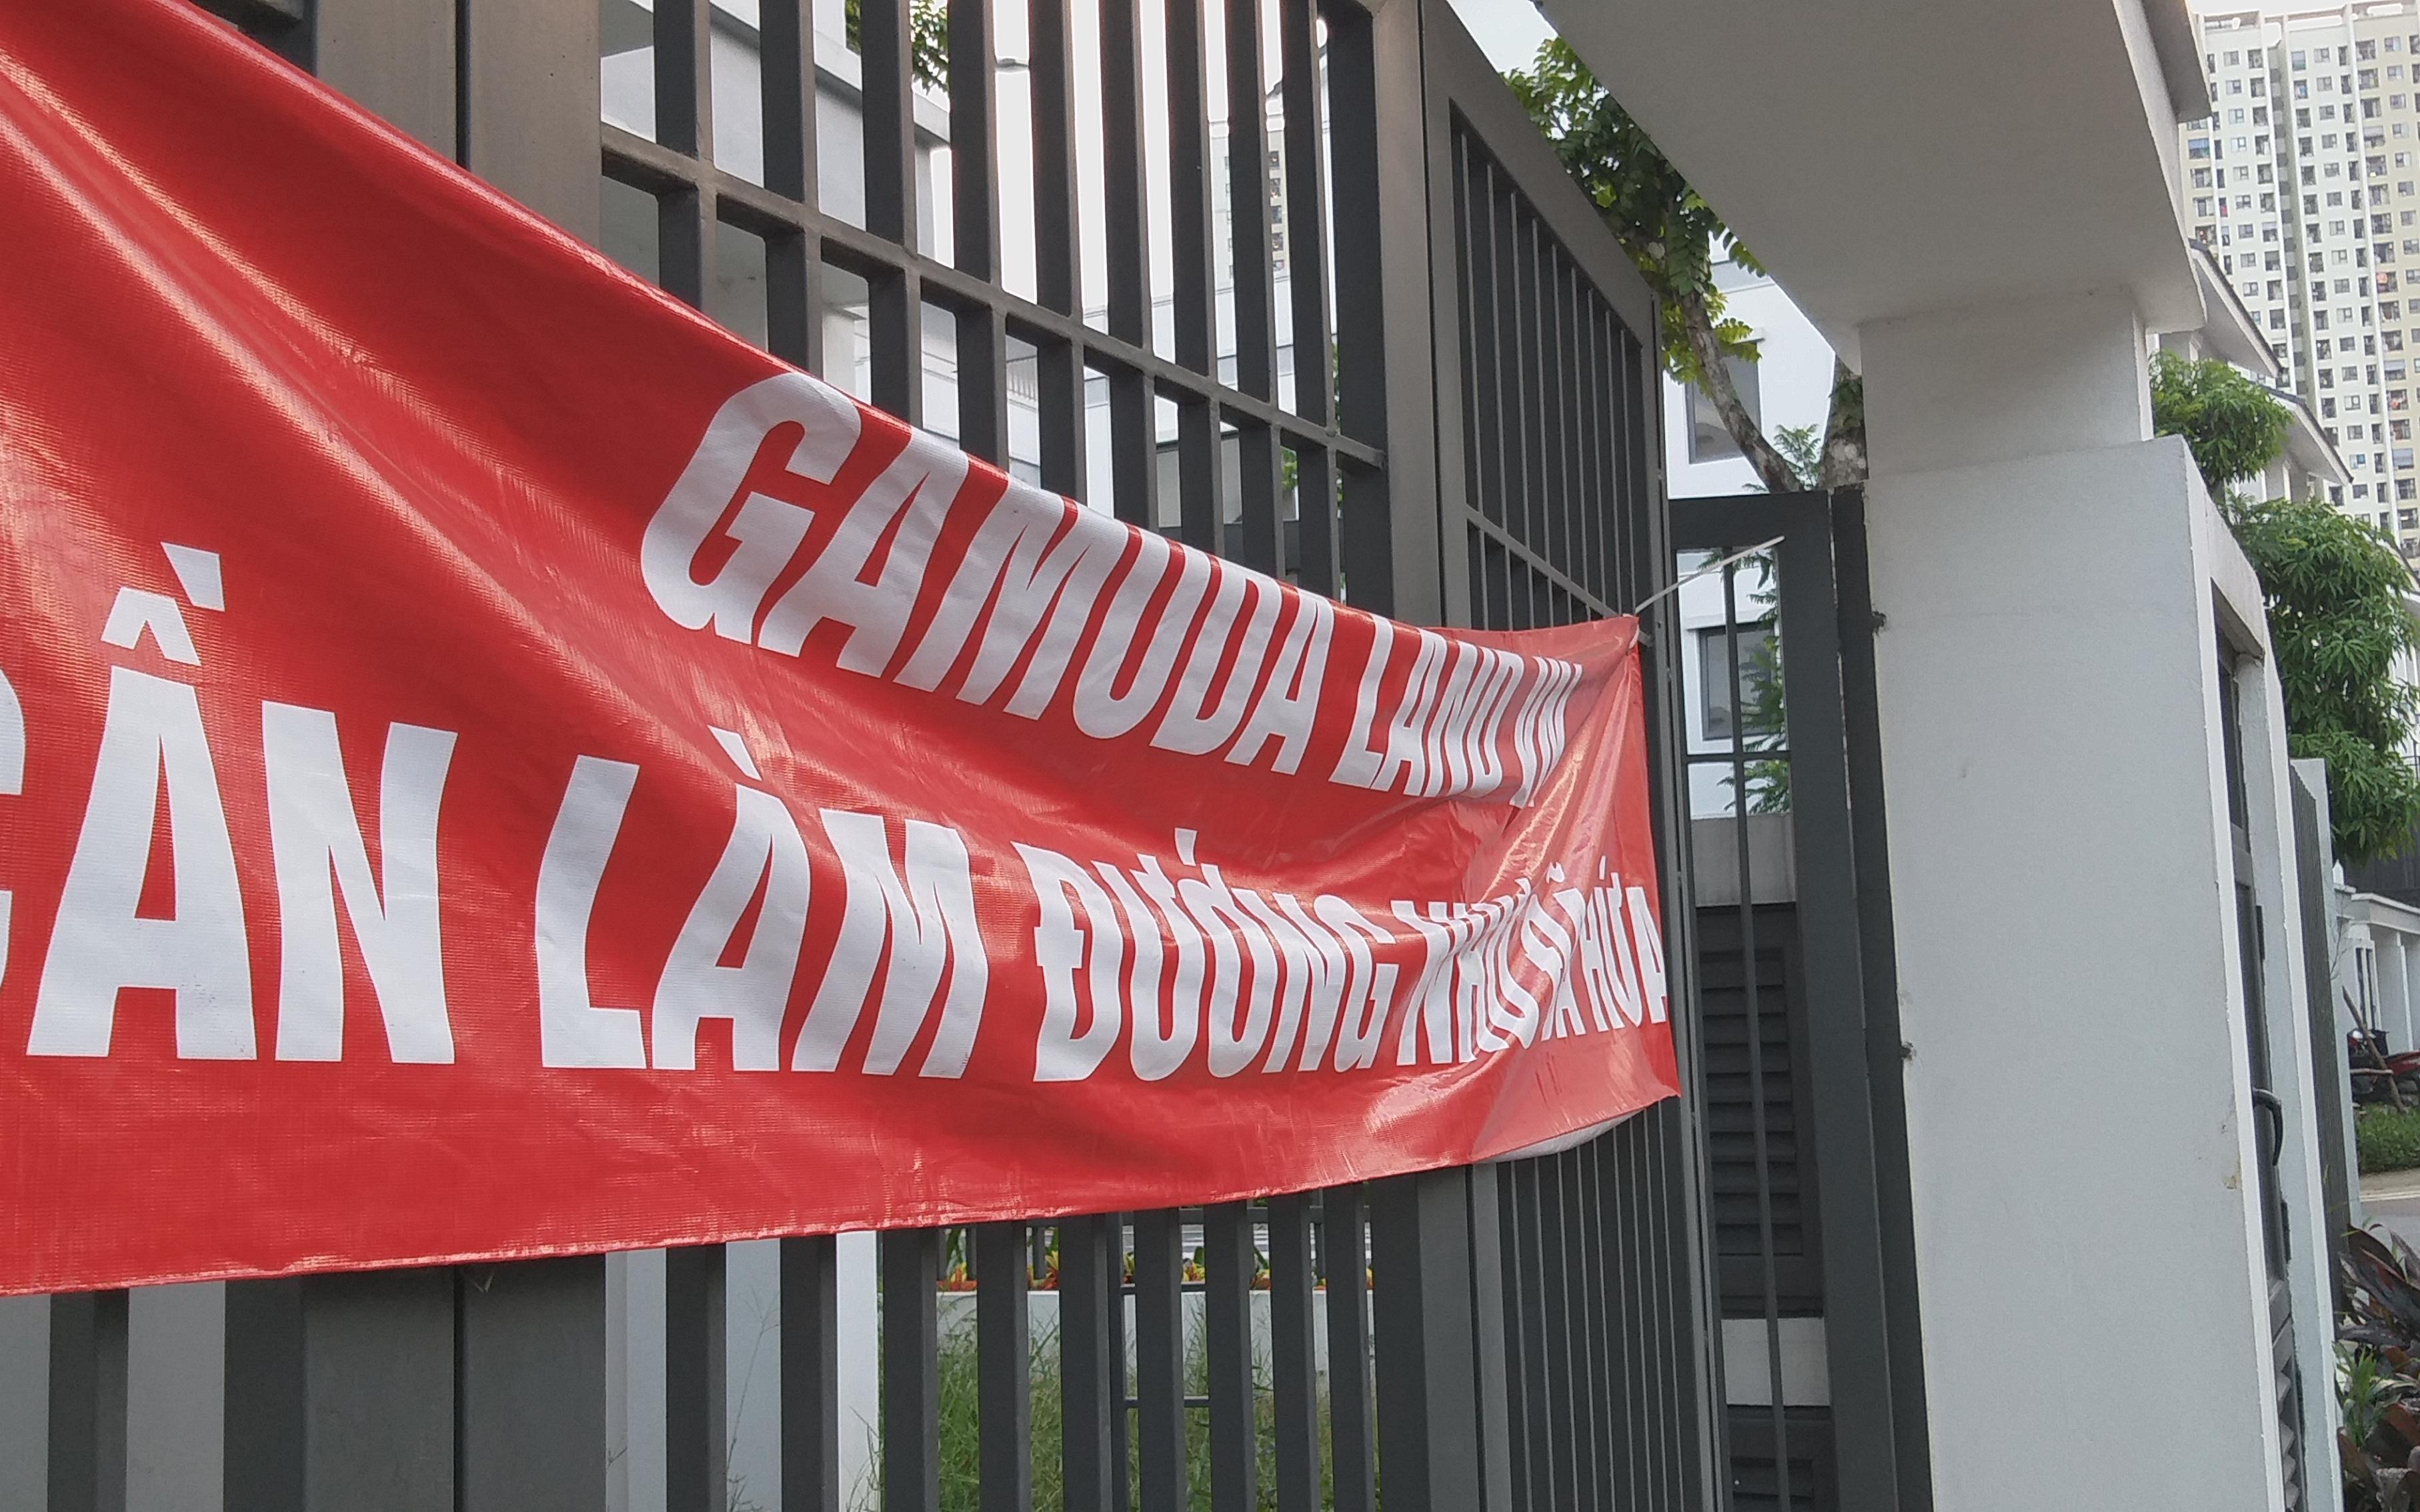 Lùm xùm dự án cao cấp C2 Gamuda Garden: Cư dân sững sờ nhận thông báo đòi nhà, tố chủ đầu tư coi thường pháp luật